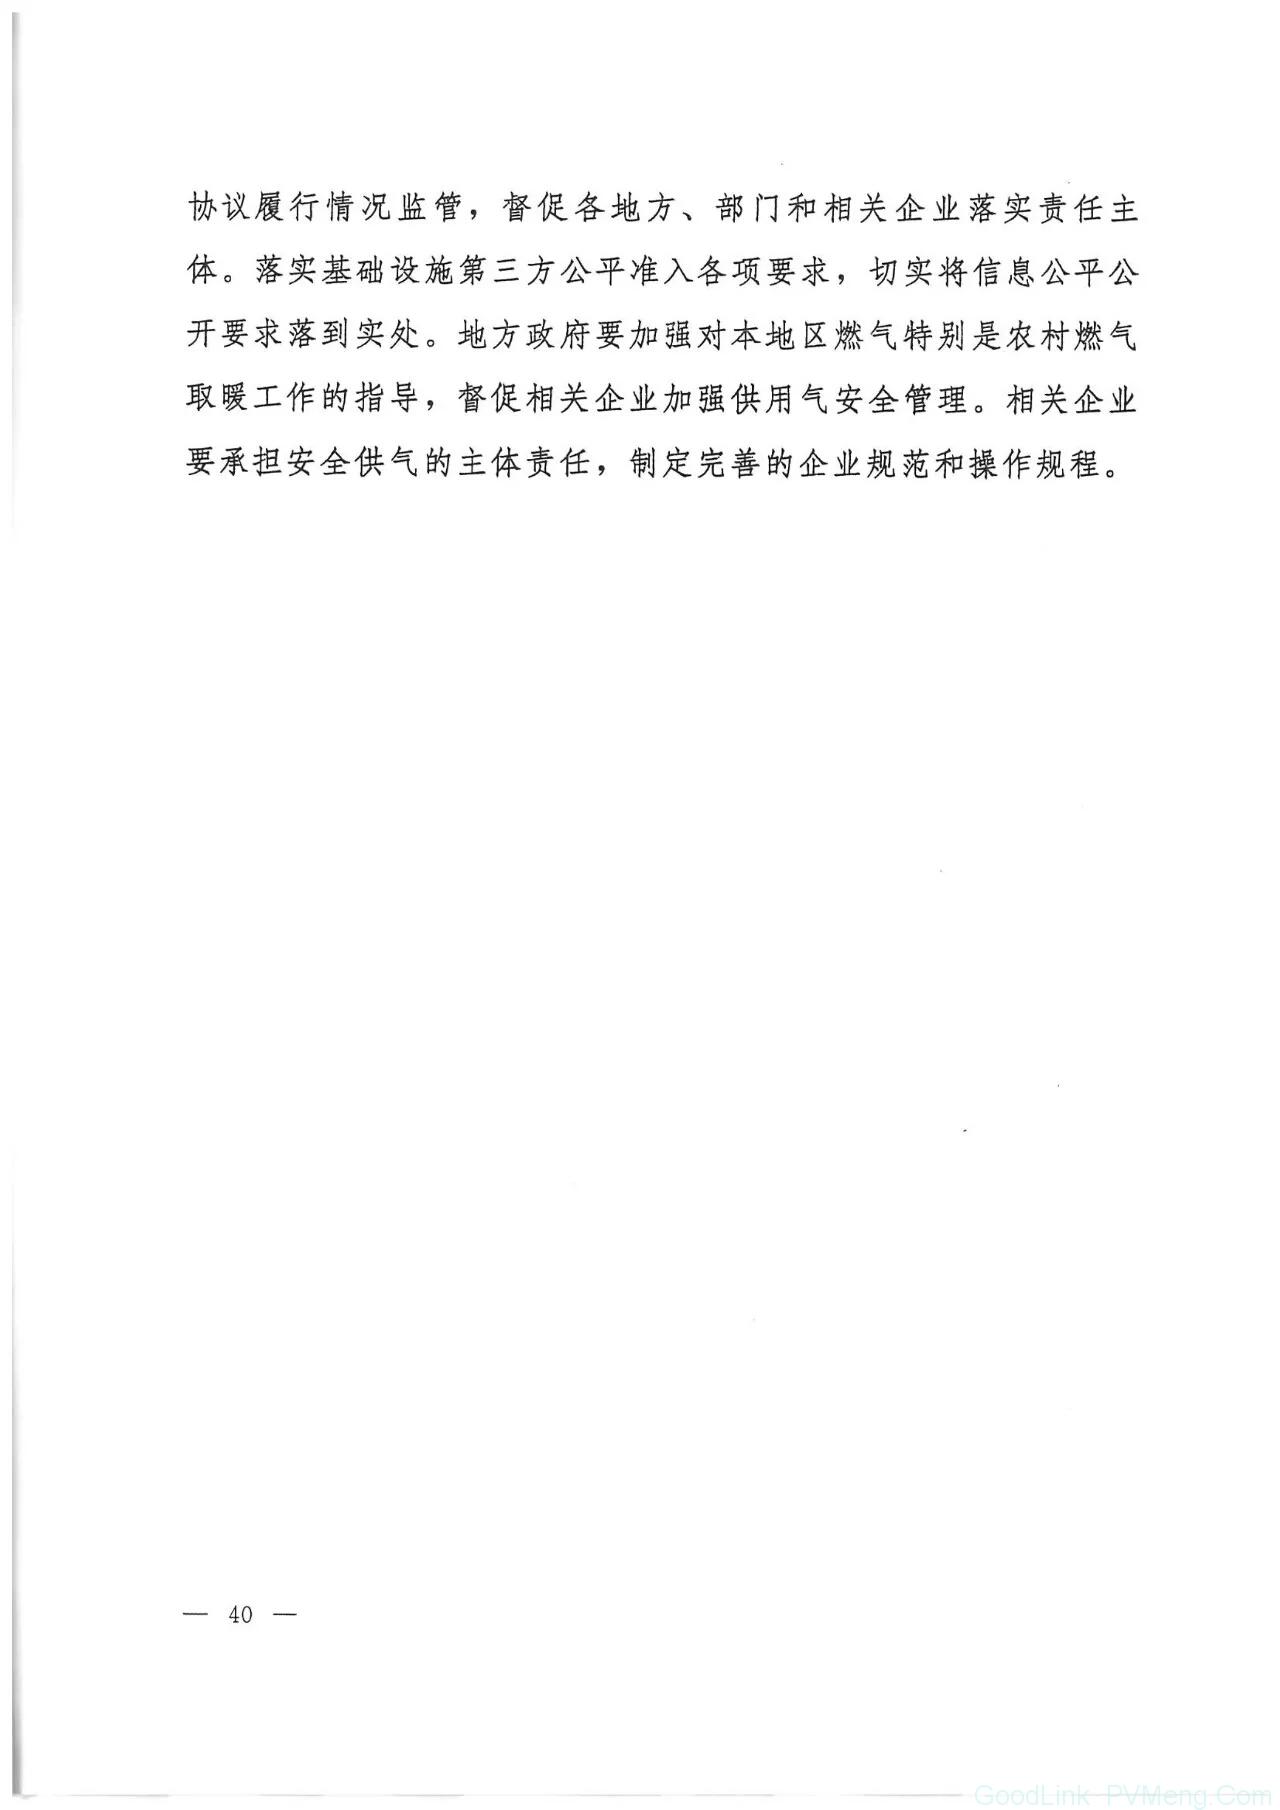 """0180612陕发改能源〔2018〕735-关于印发陕西省冬季清洁取暖实施方案(2017-2021)的通知"""""""